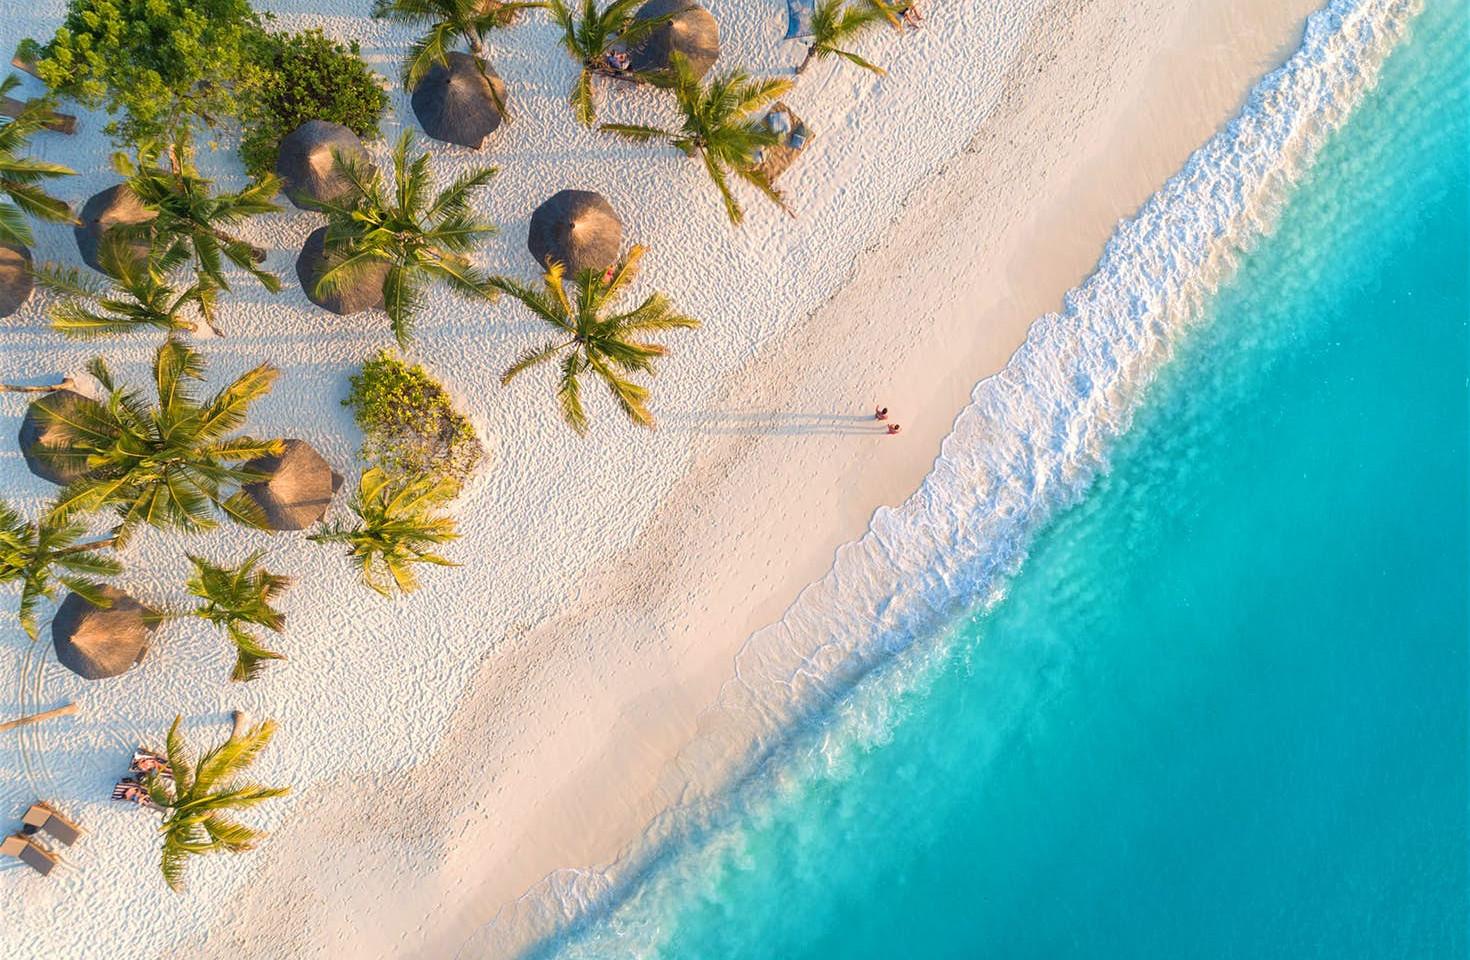 Idylic Zanzibar